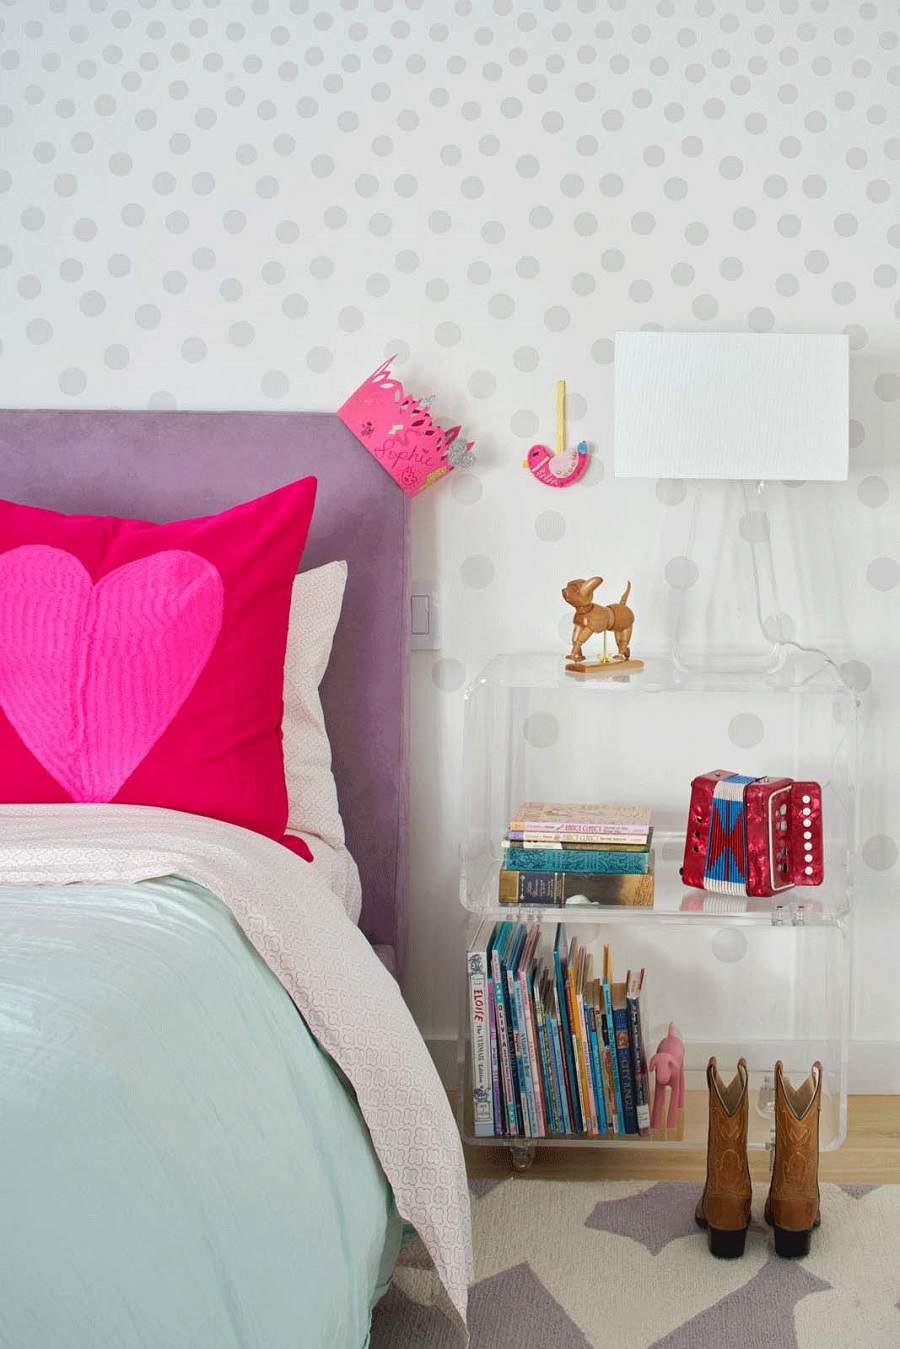 mẫu nhà cấp 4 hình chữ l đơn giản cho căn phòng của bé